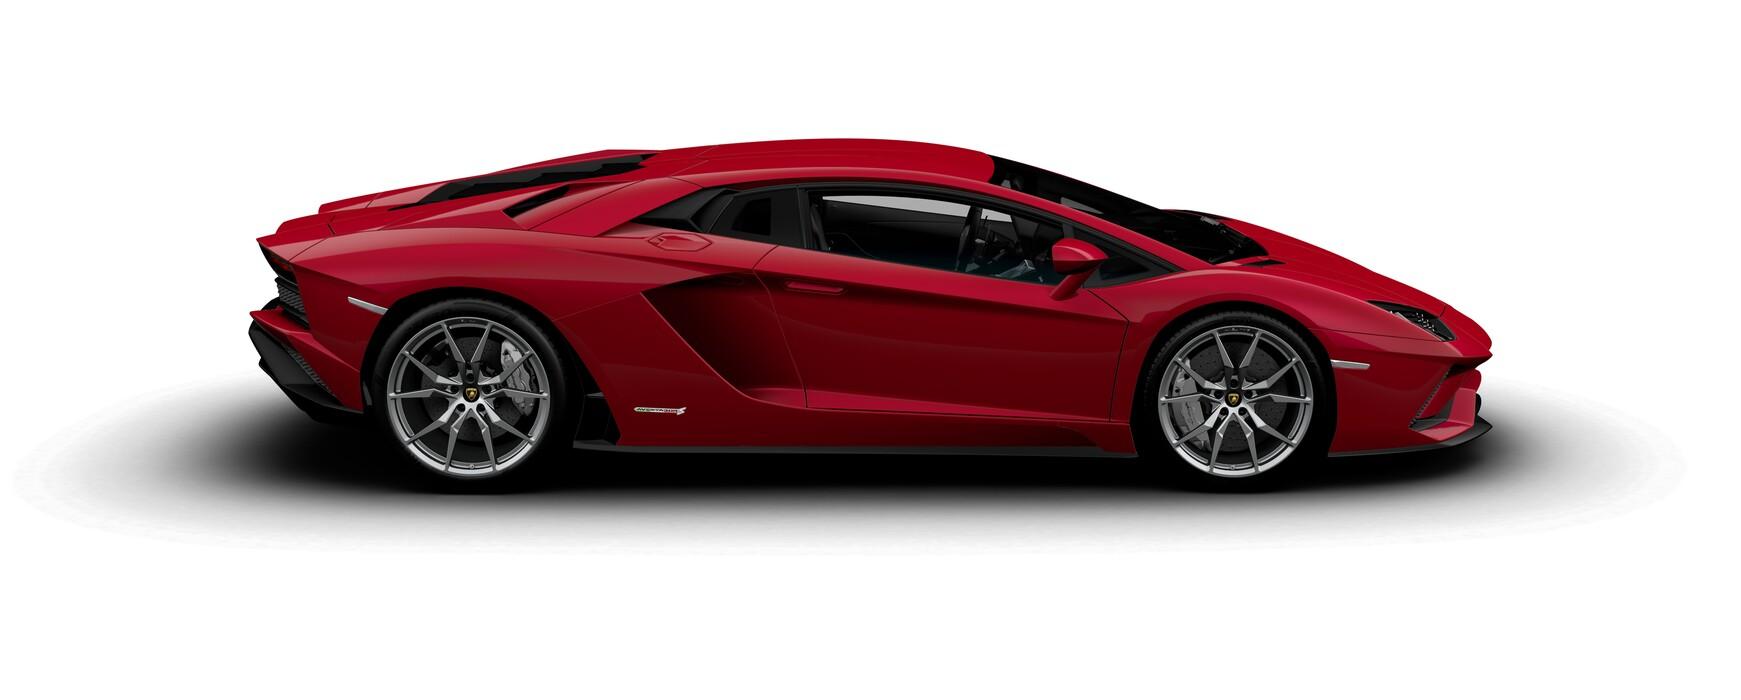 Lamborghini Aventador S Coupe metallic Rosso Efesto side view